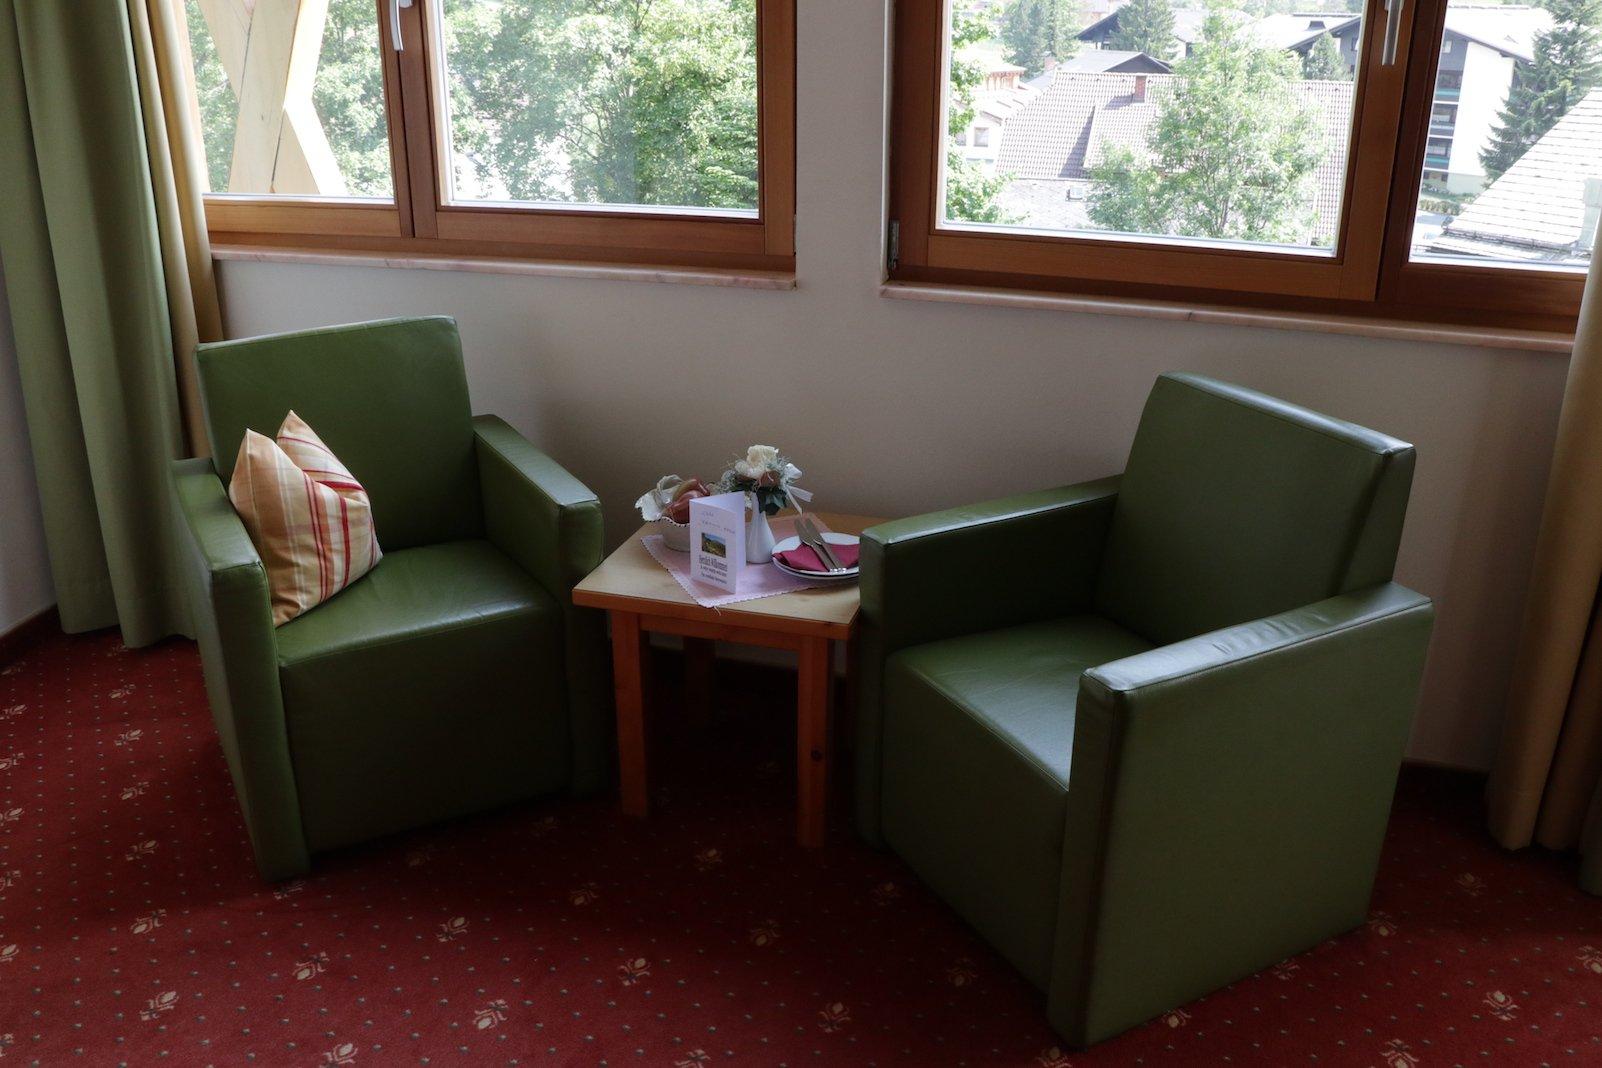 Sessel und kleines Tischchen - mit Willkommens Obst